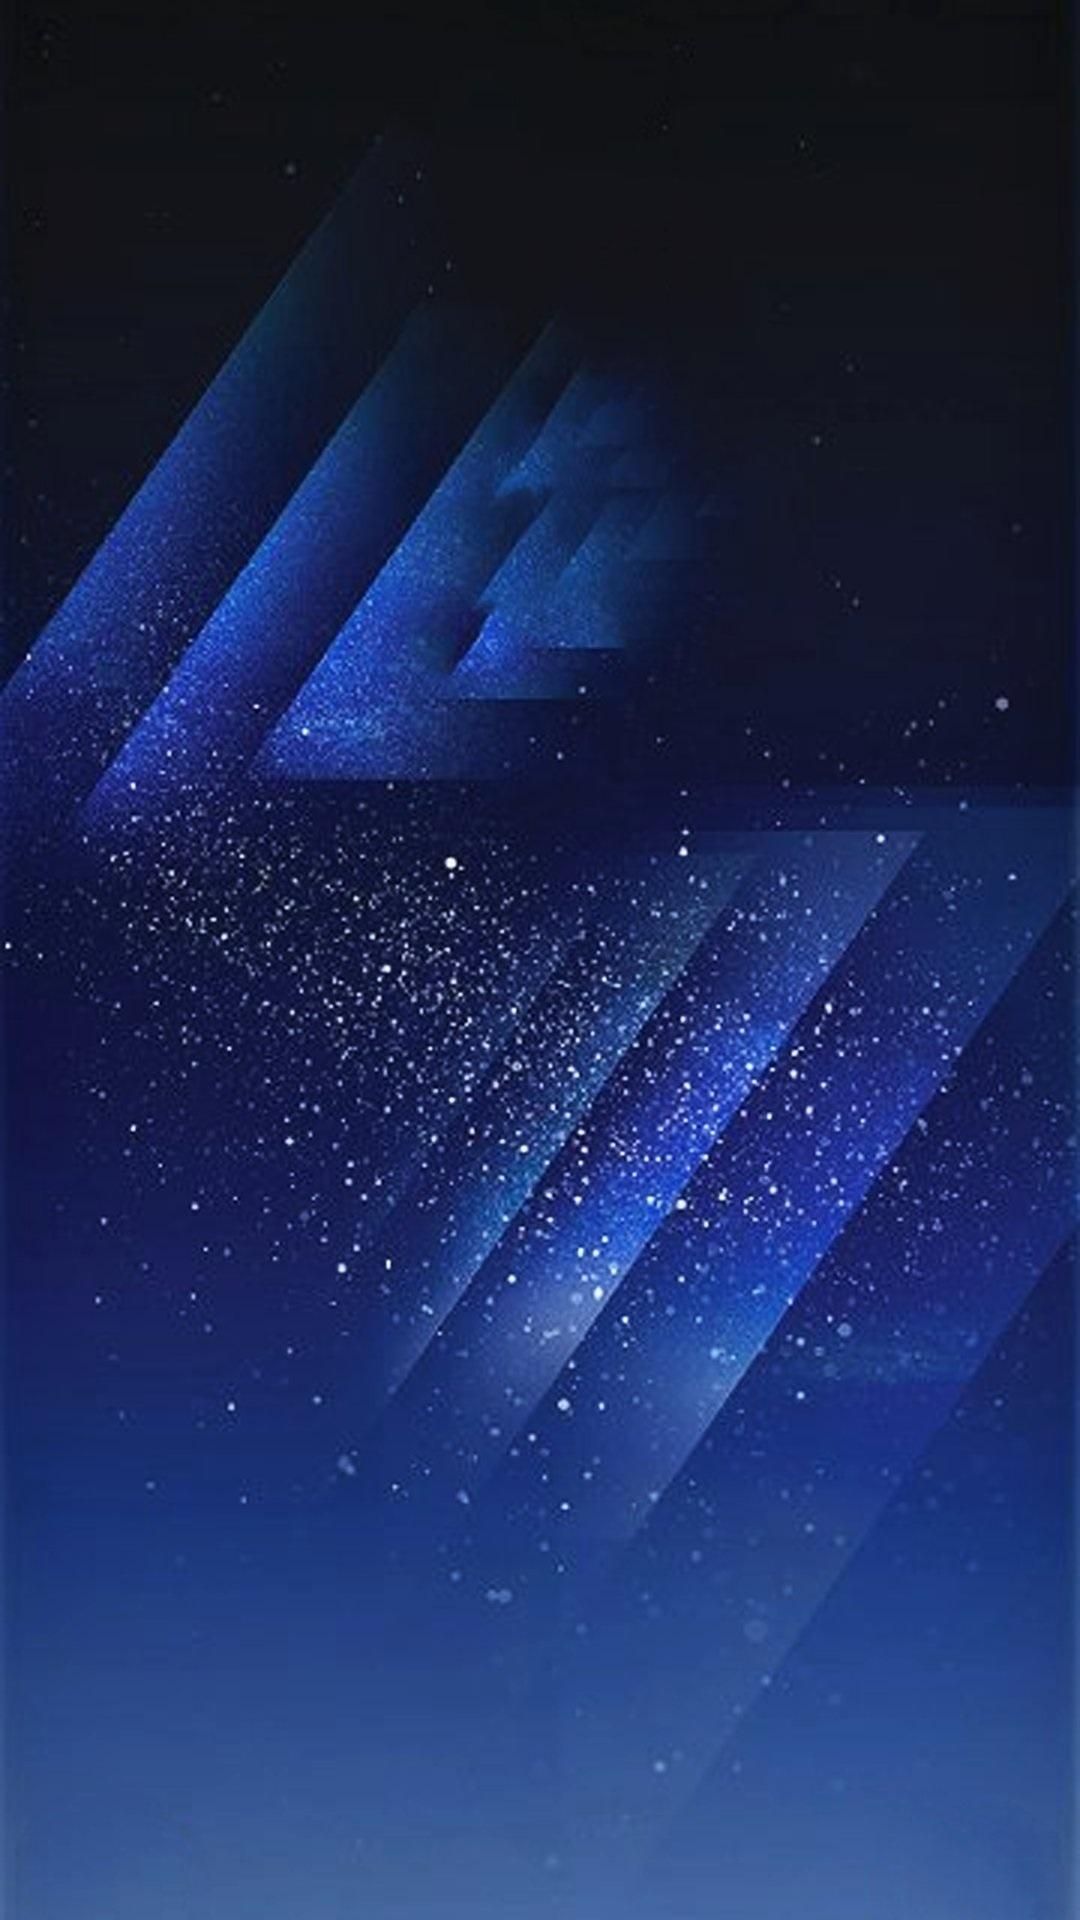 Baixe agora os wallpapers do novo samsung galaxy s8 tecmundo for Fond ecran qhd